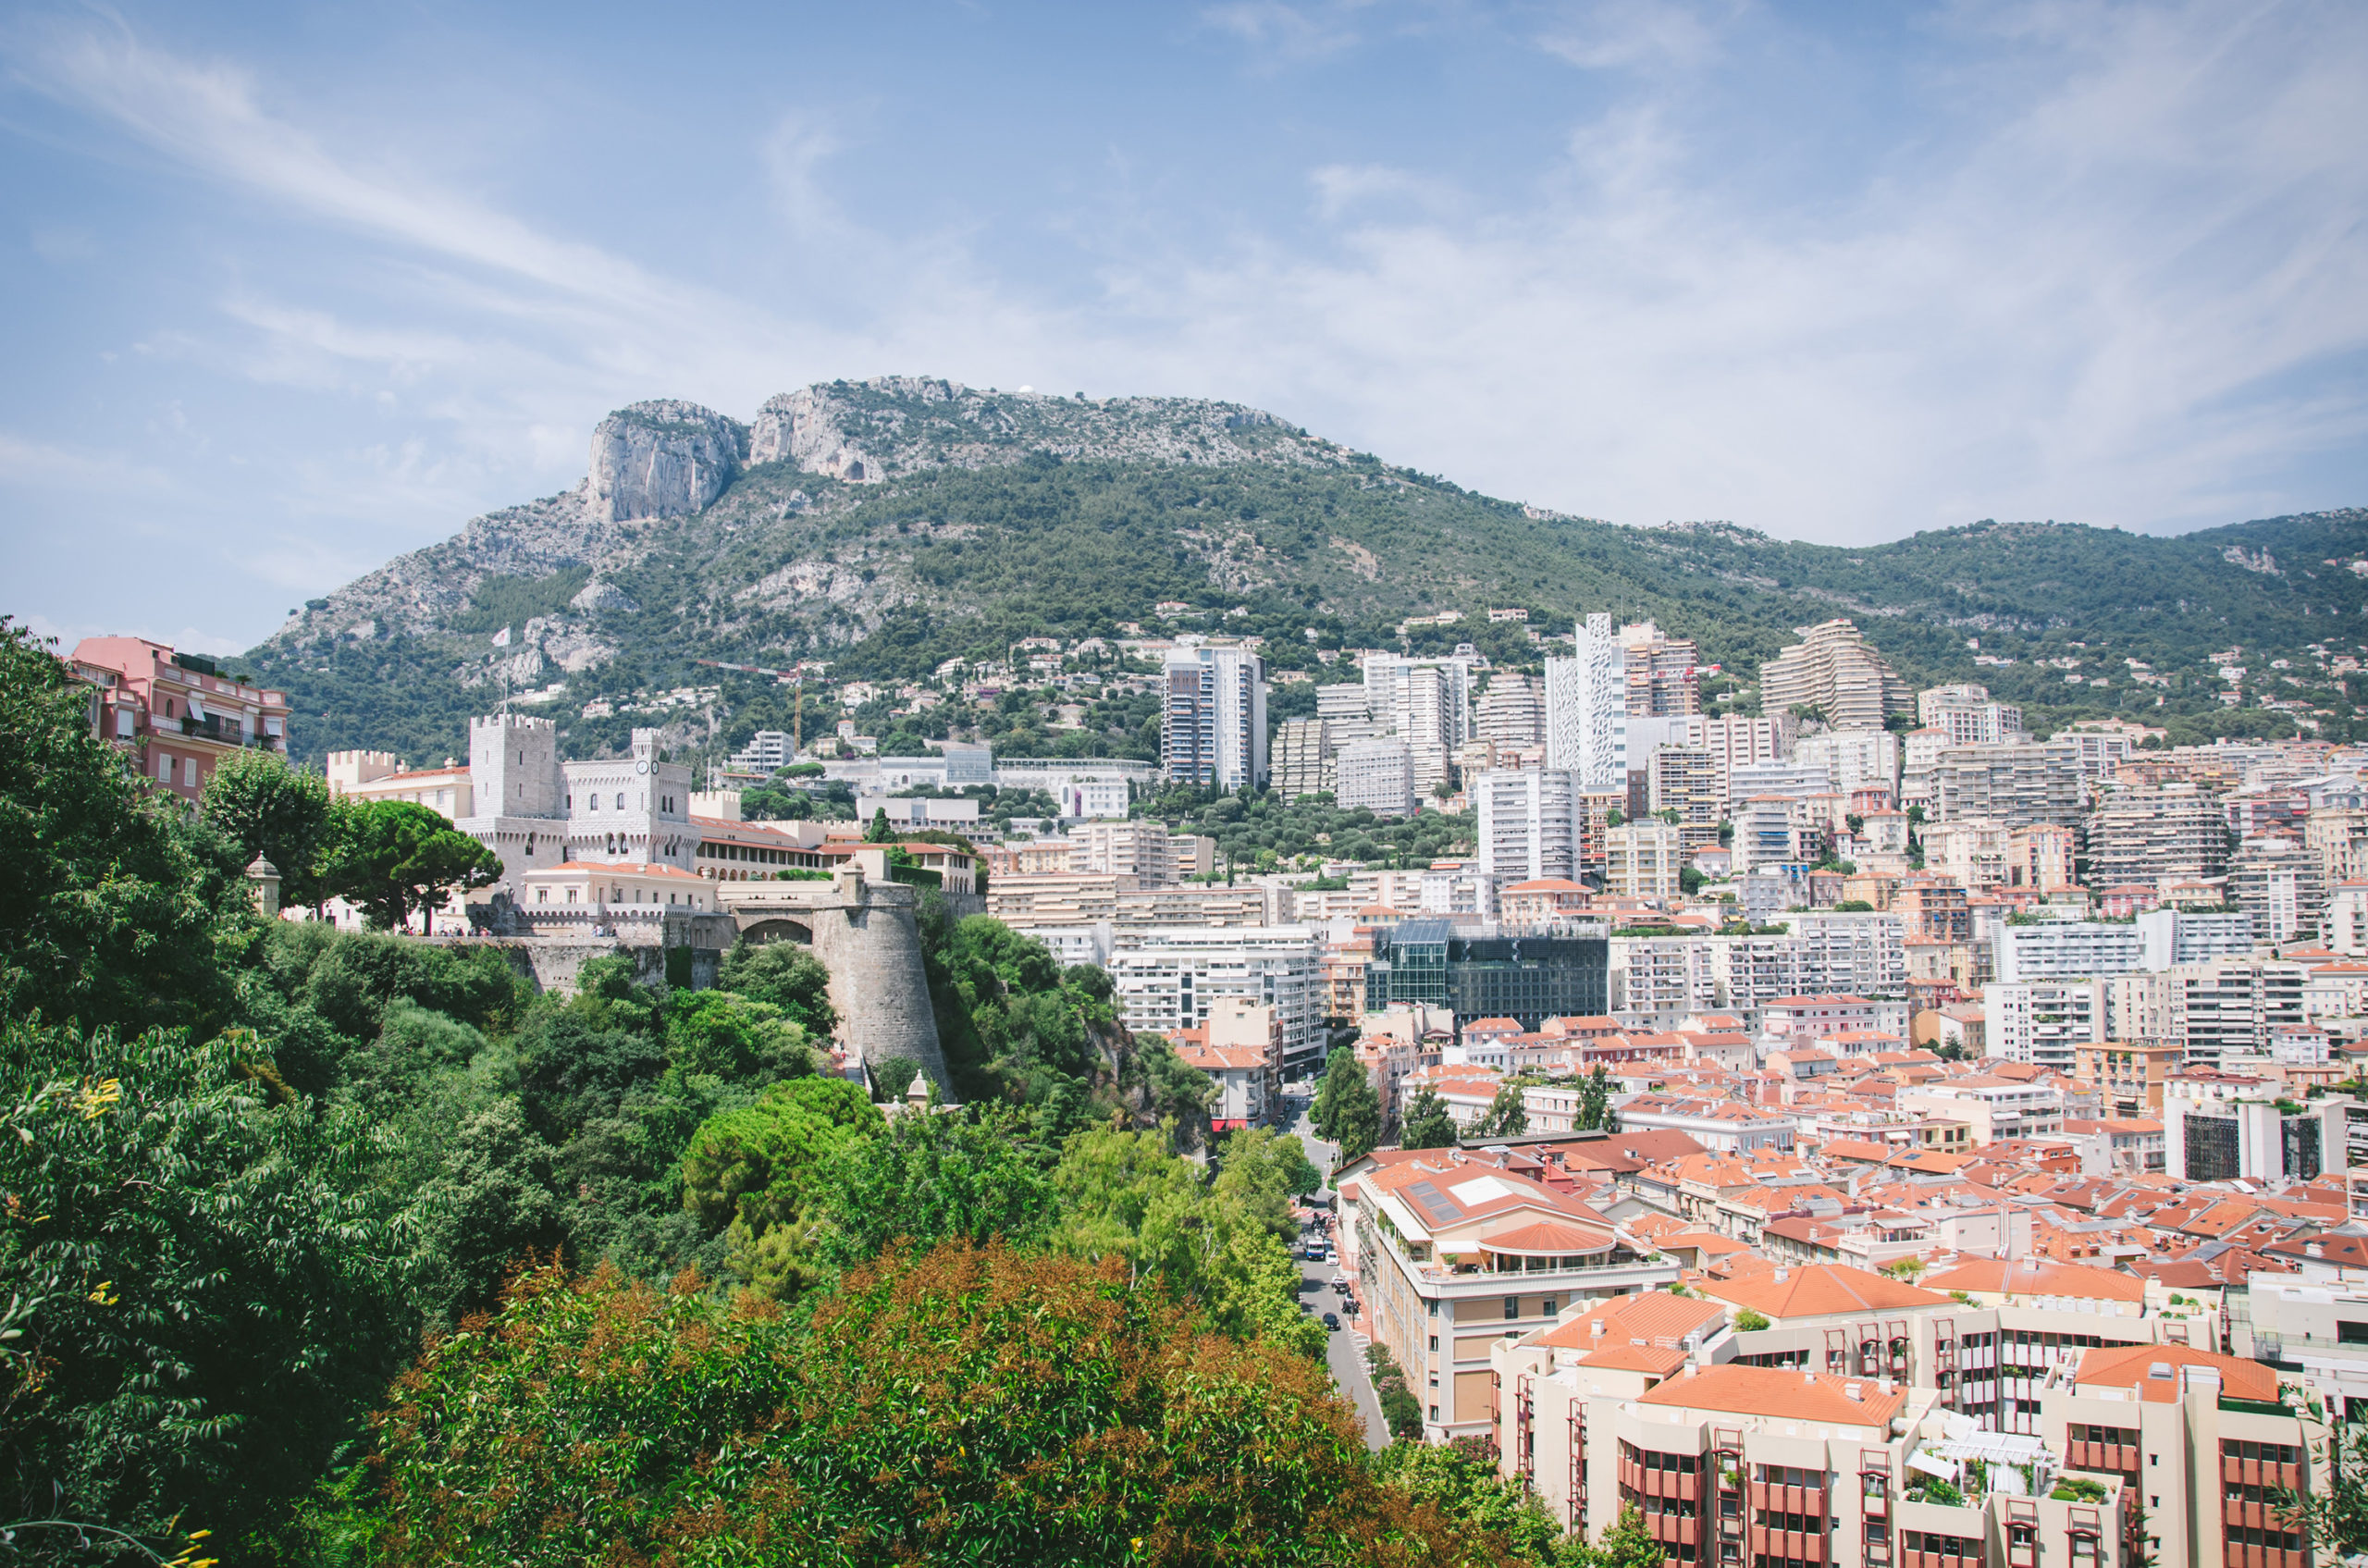 5 choses à faire sans voiture dans la Riviera autour de Nice - Monaco